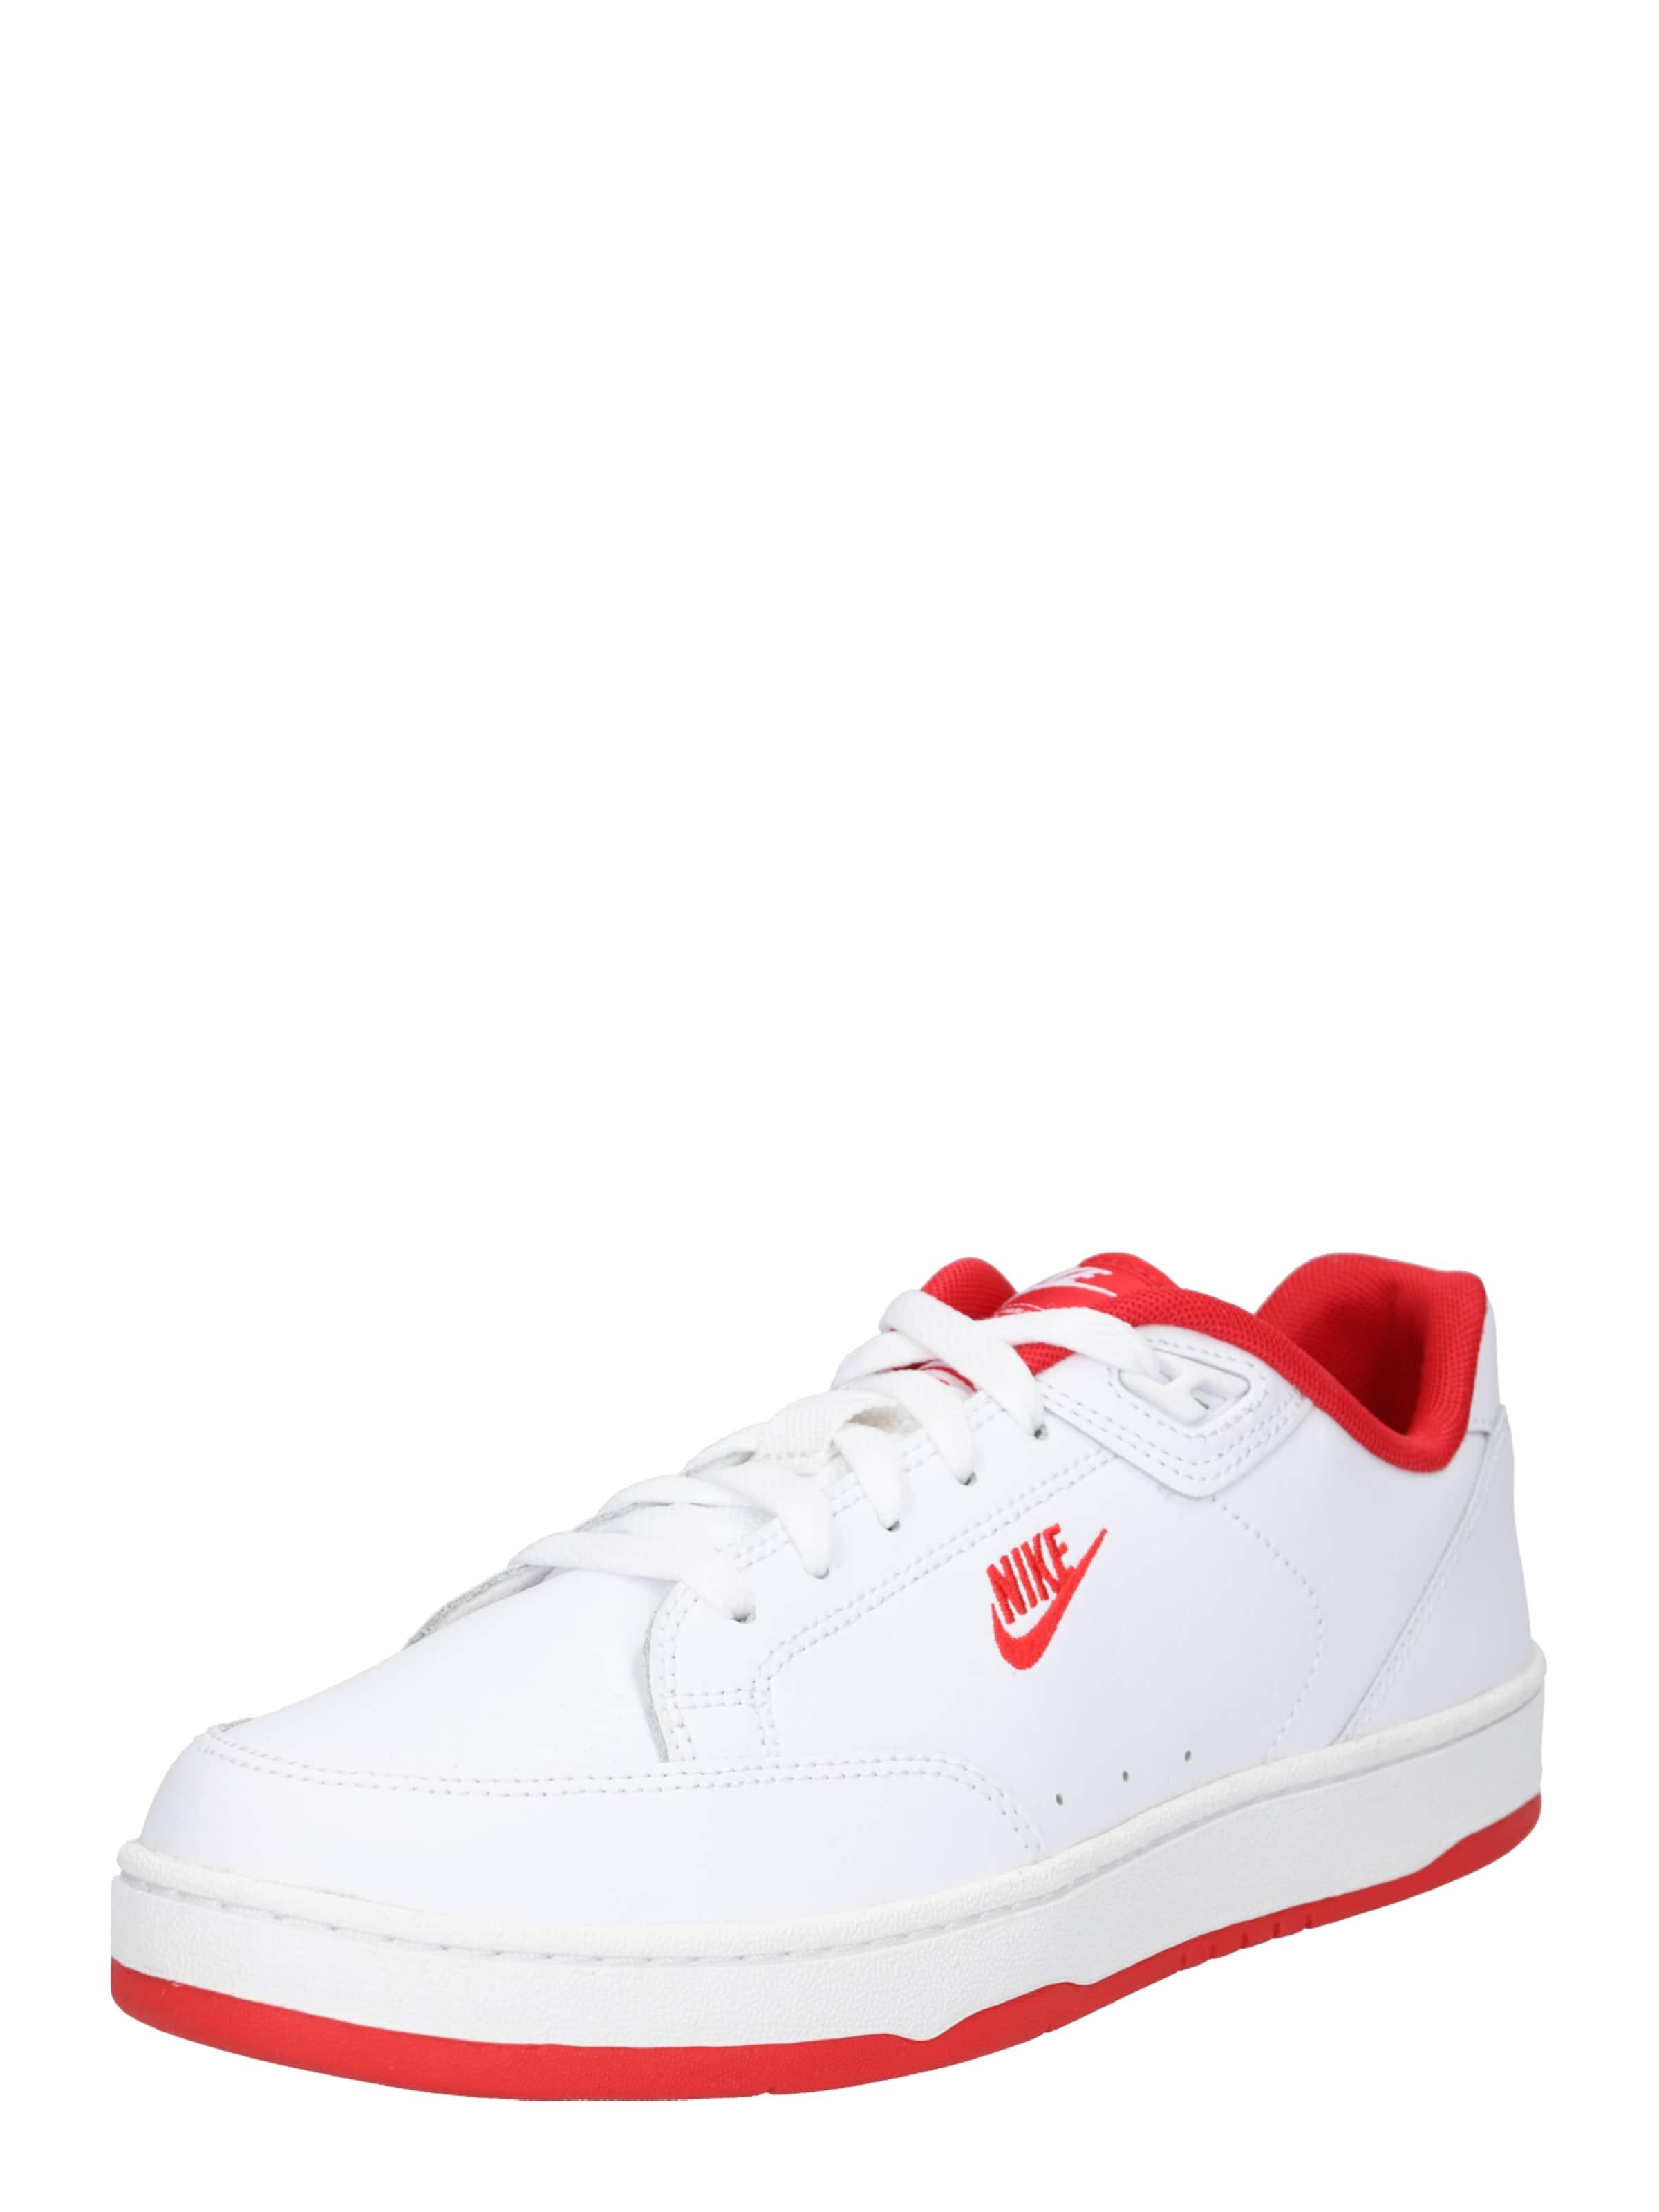 Sportswear Sneaker Nike Ii' RotWeiß 'grandstand In DYW2EH9I